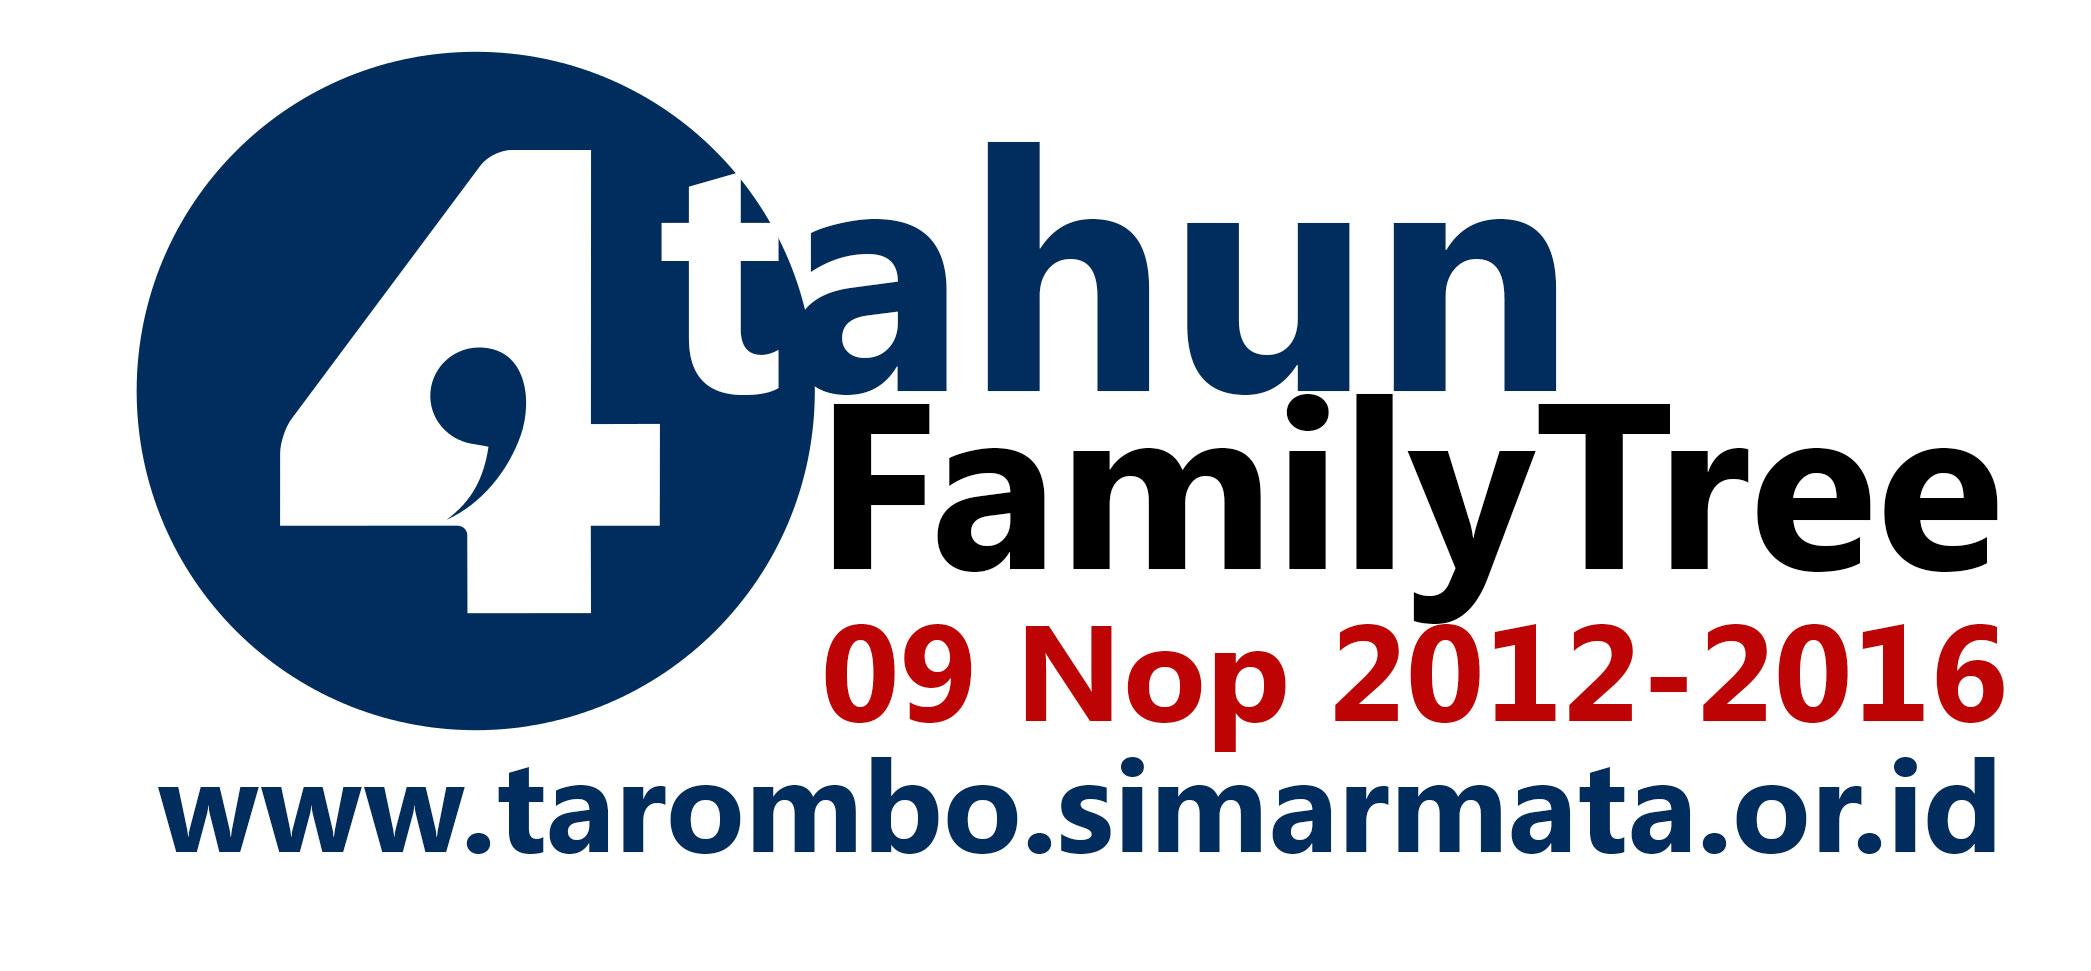 Janner Simarmata: Penyempurnaan Tarombo, Lam Tu Ture na, Lam Tu Maju na